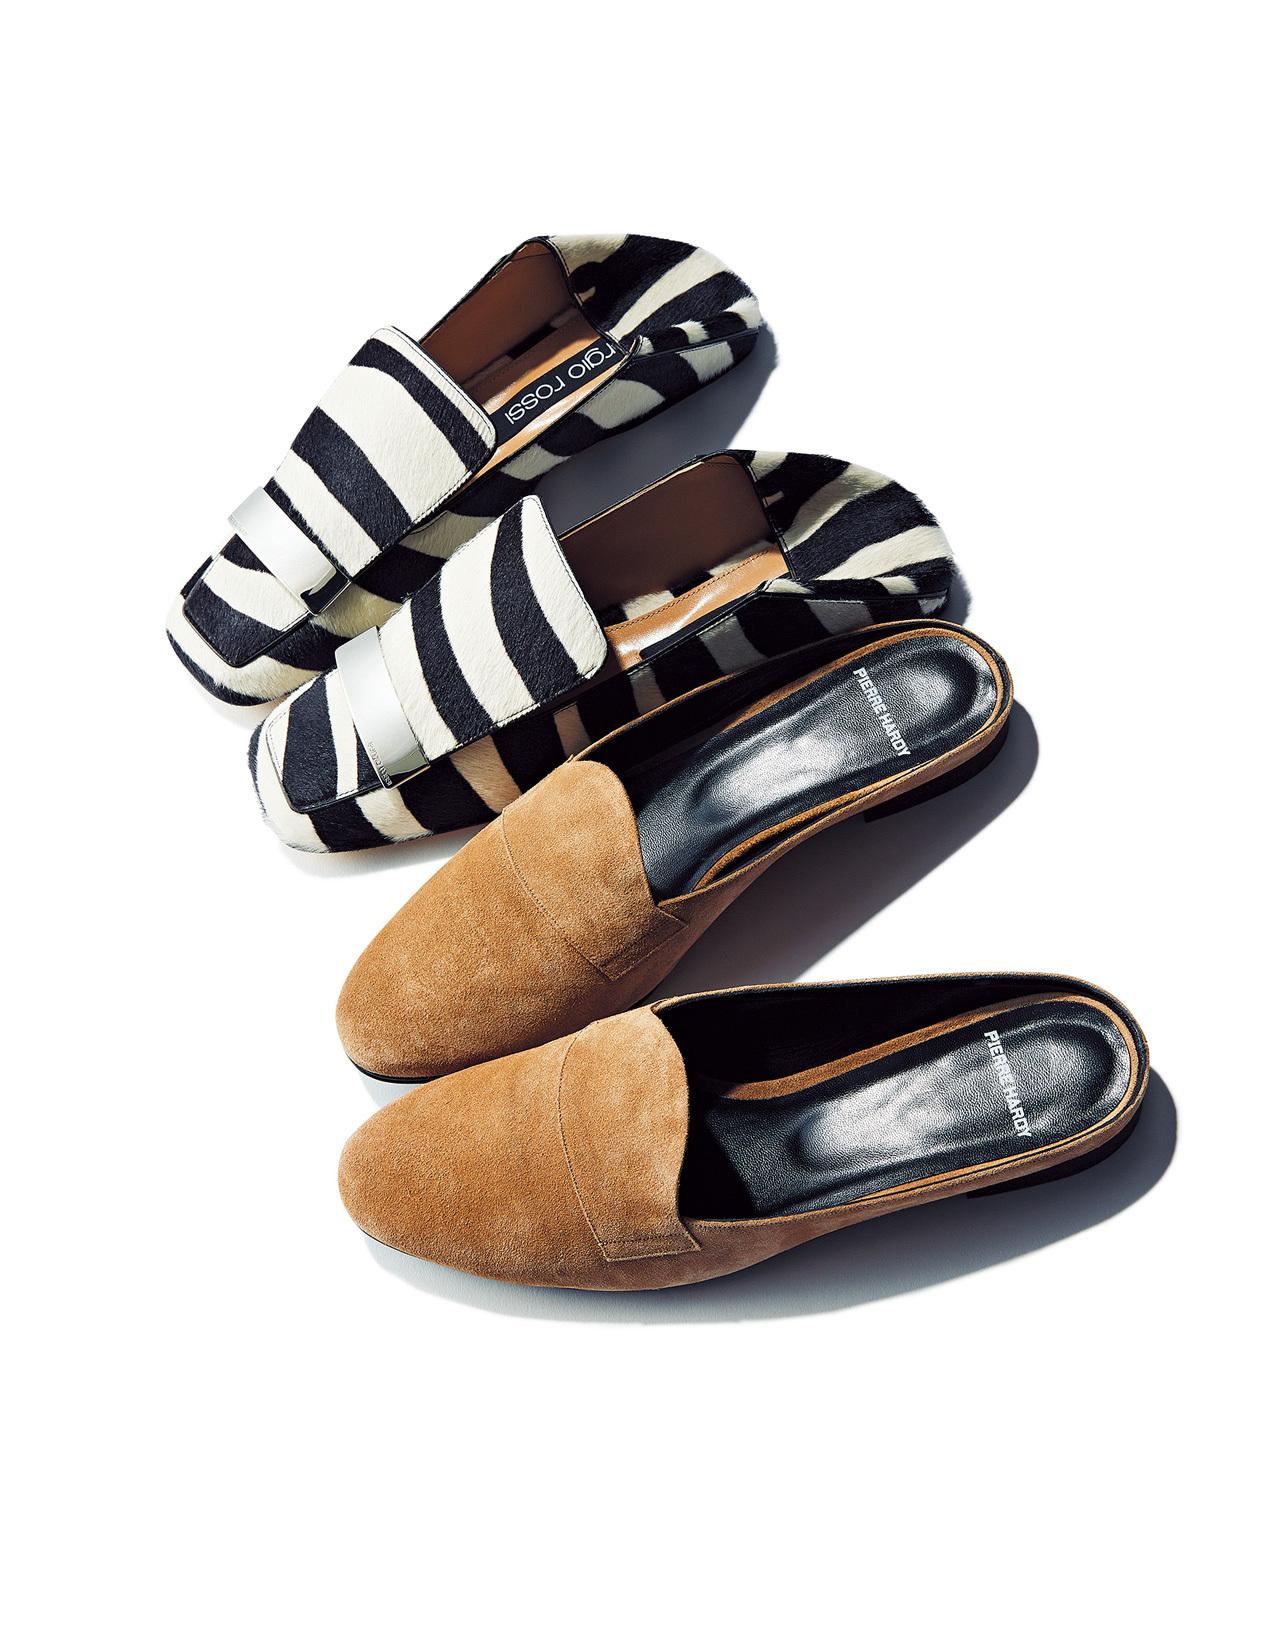 一足あれば、手持ち服を旬にしてくれる。大人こそトレンド靴に投資!_1_1-1